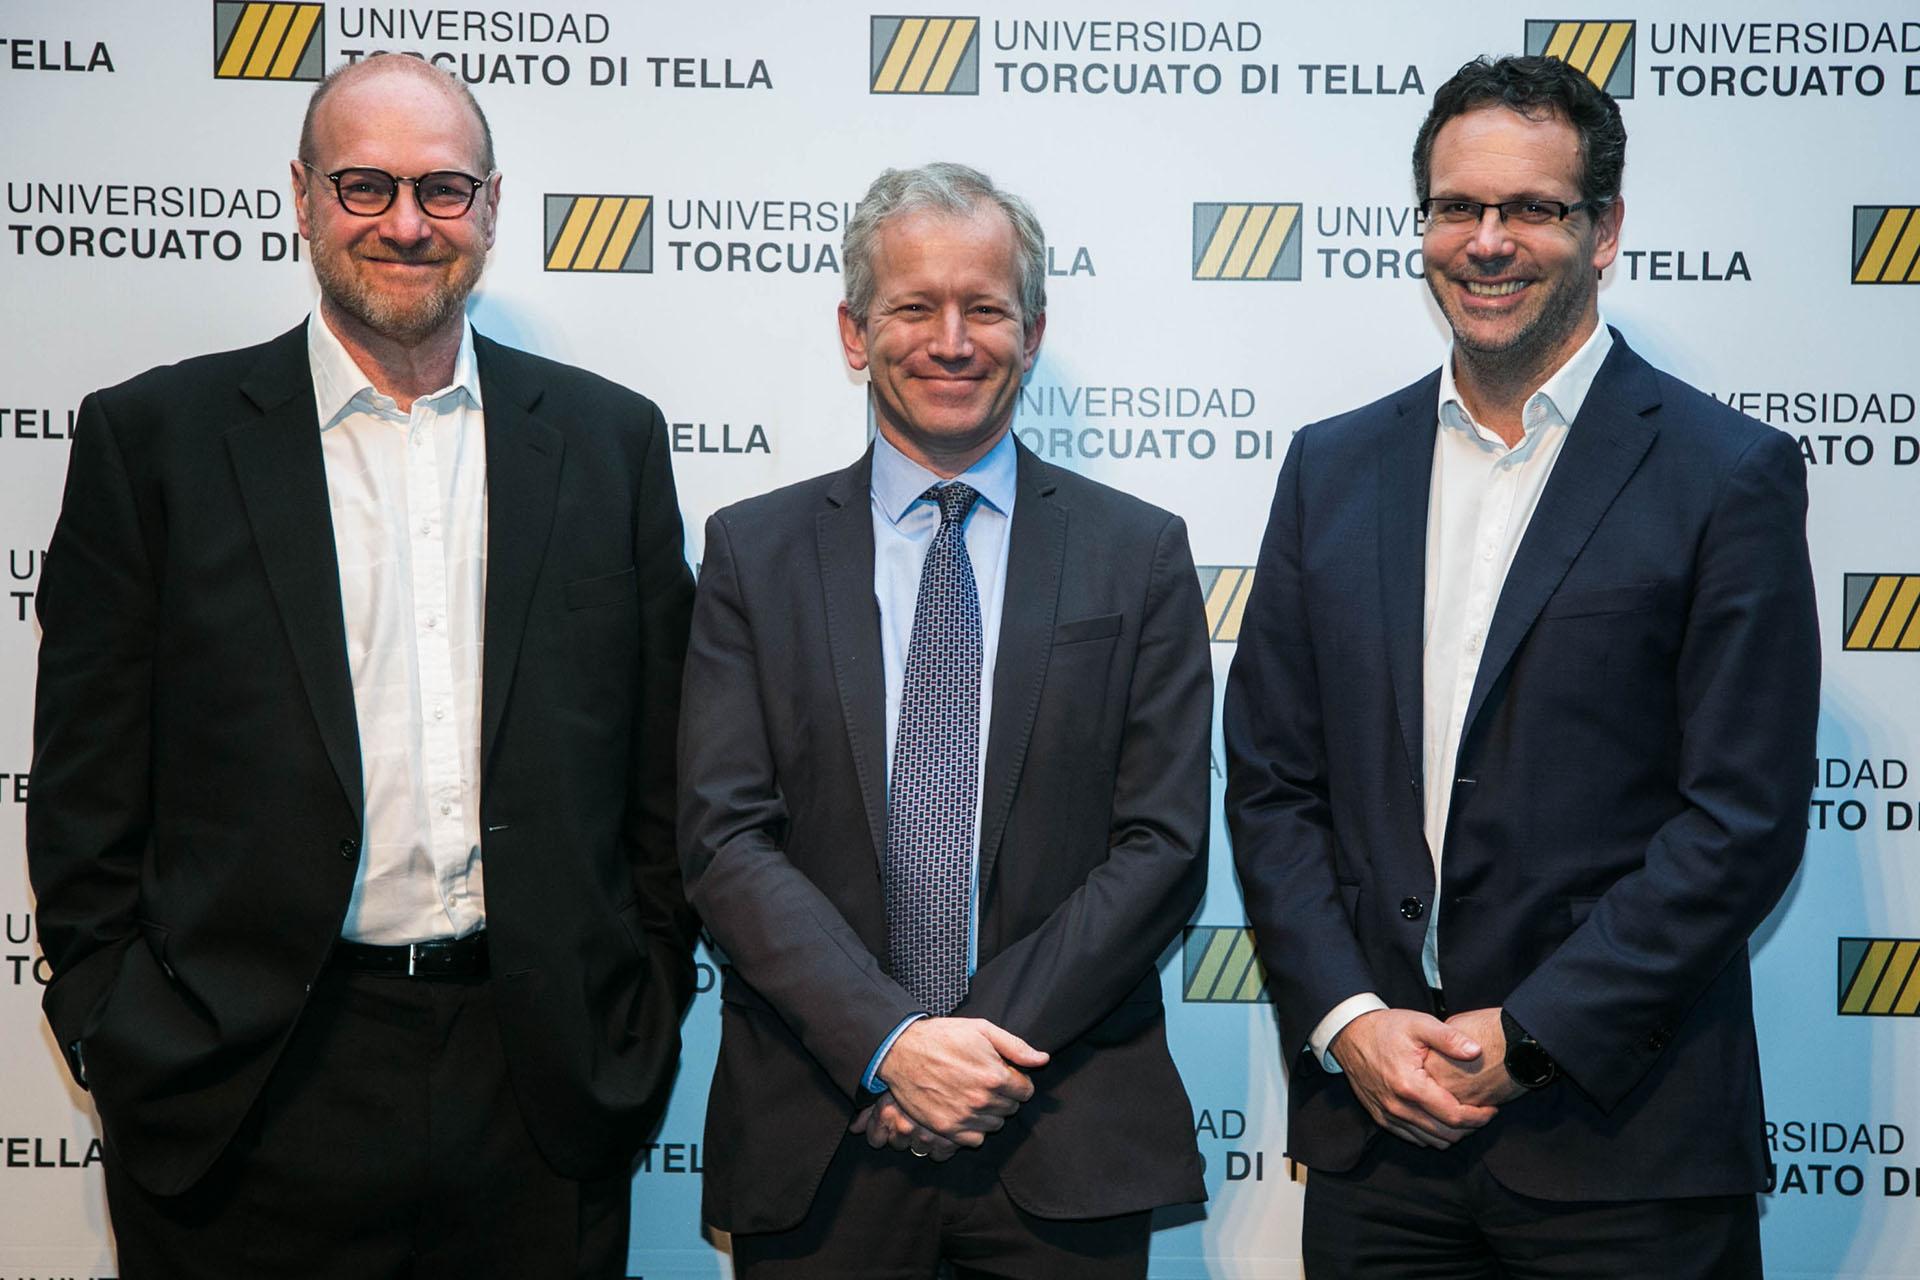 Gustavo Grobocopatel, Guido Sandleris, profesor en UTDT y Jefe de Asesores del Ministerio de Hacienda junto al rector Schargrodsky